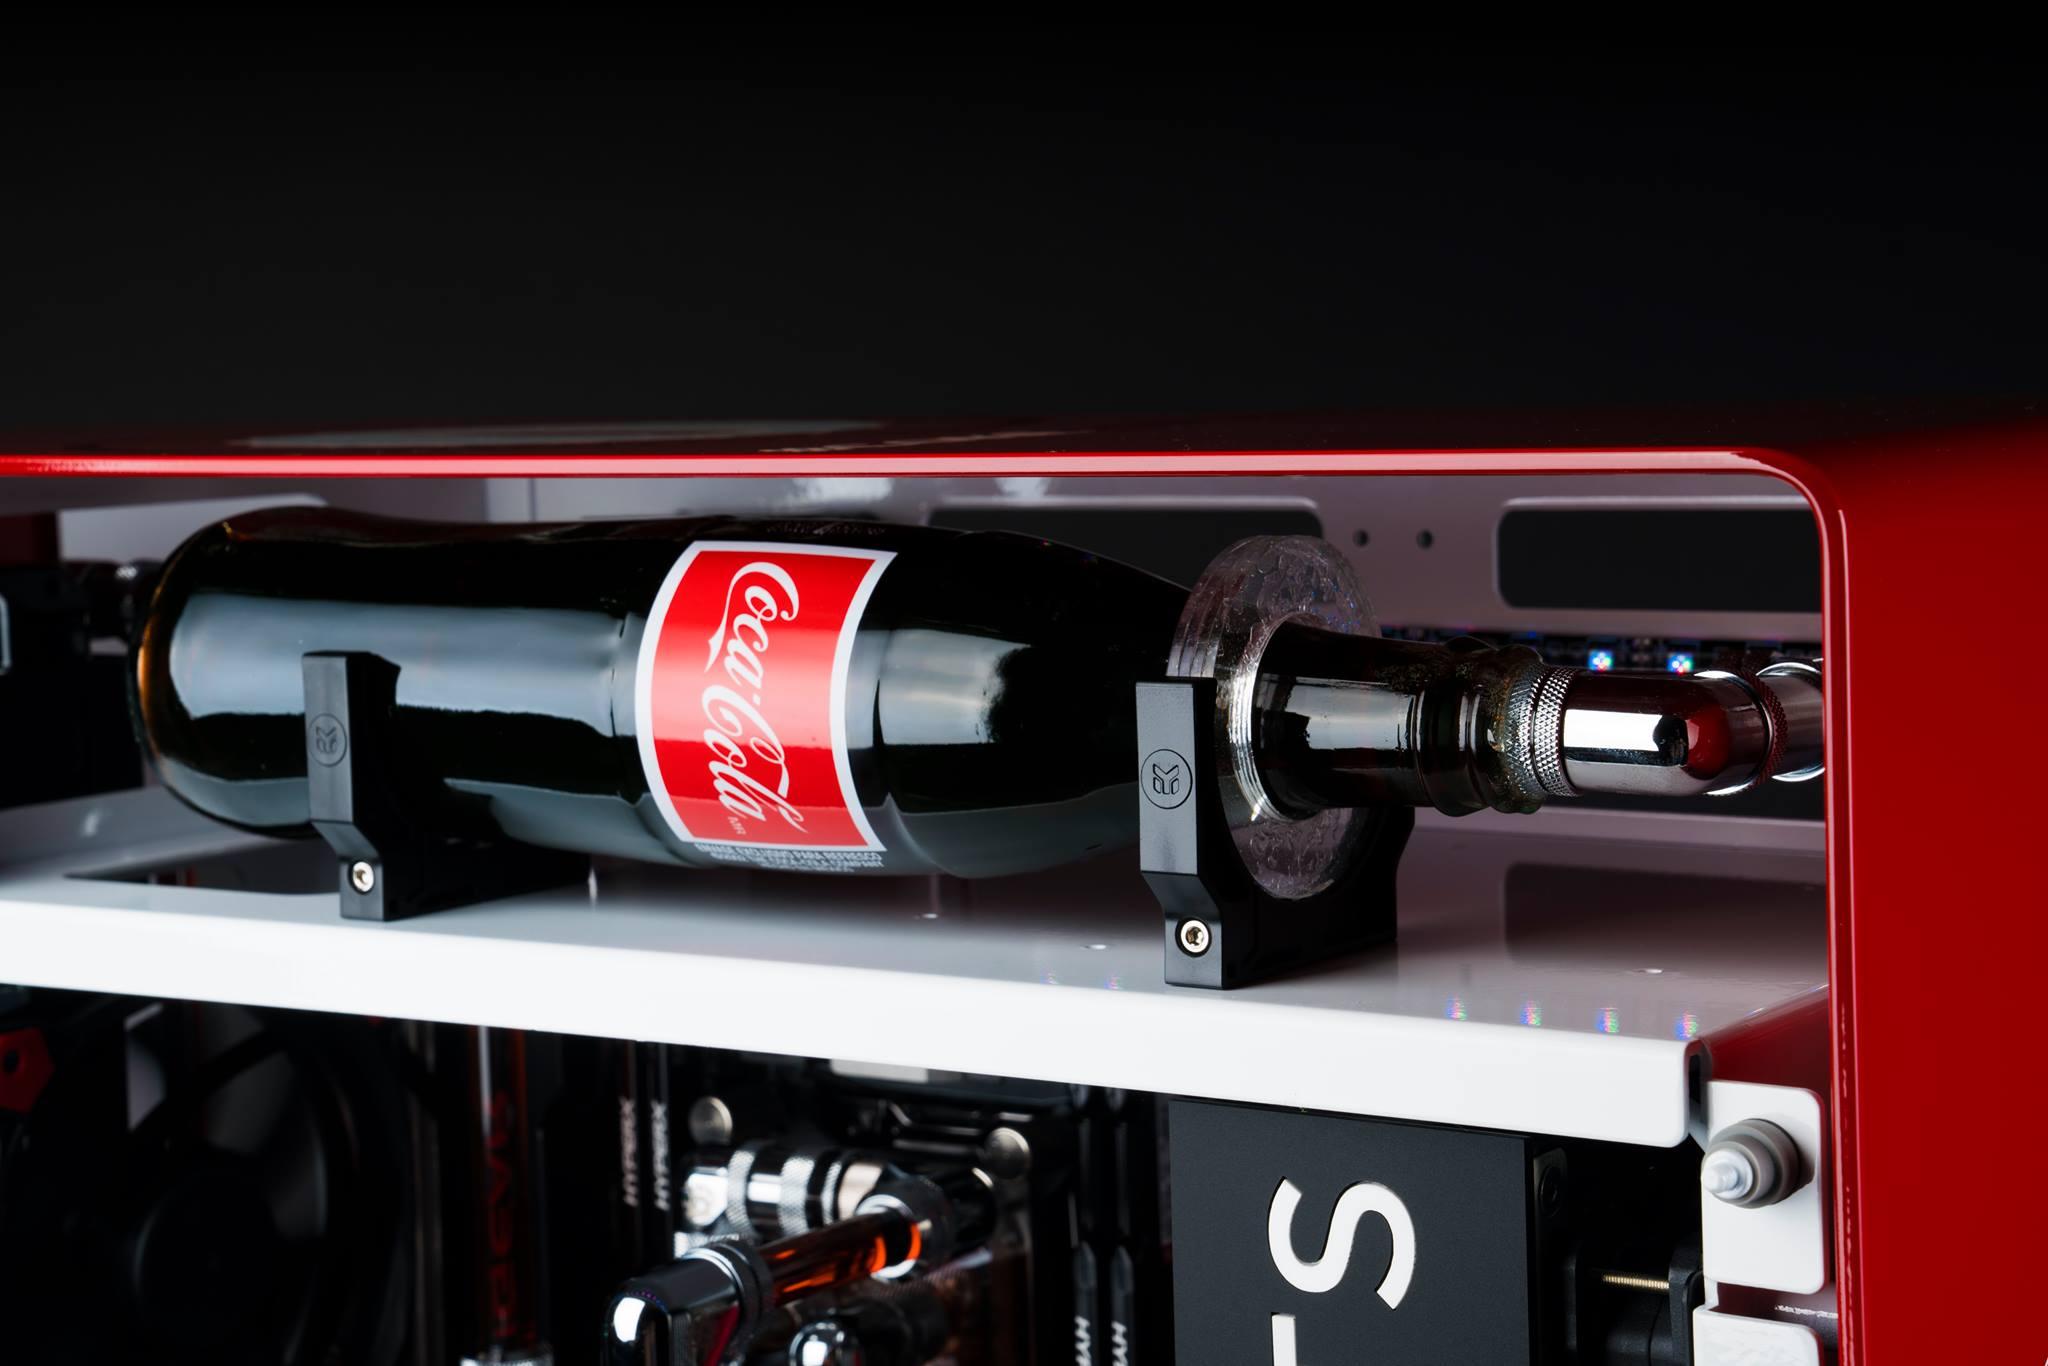 [MOD] MAINGEAR RUSH 1ofONE Coca-Cola Edition